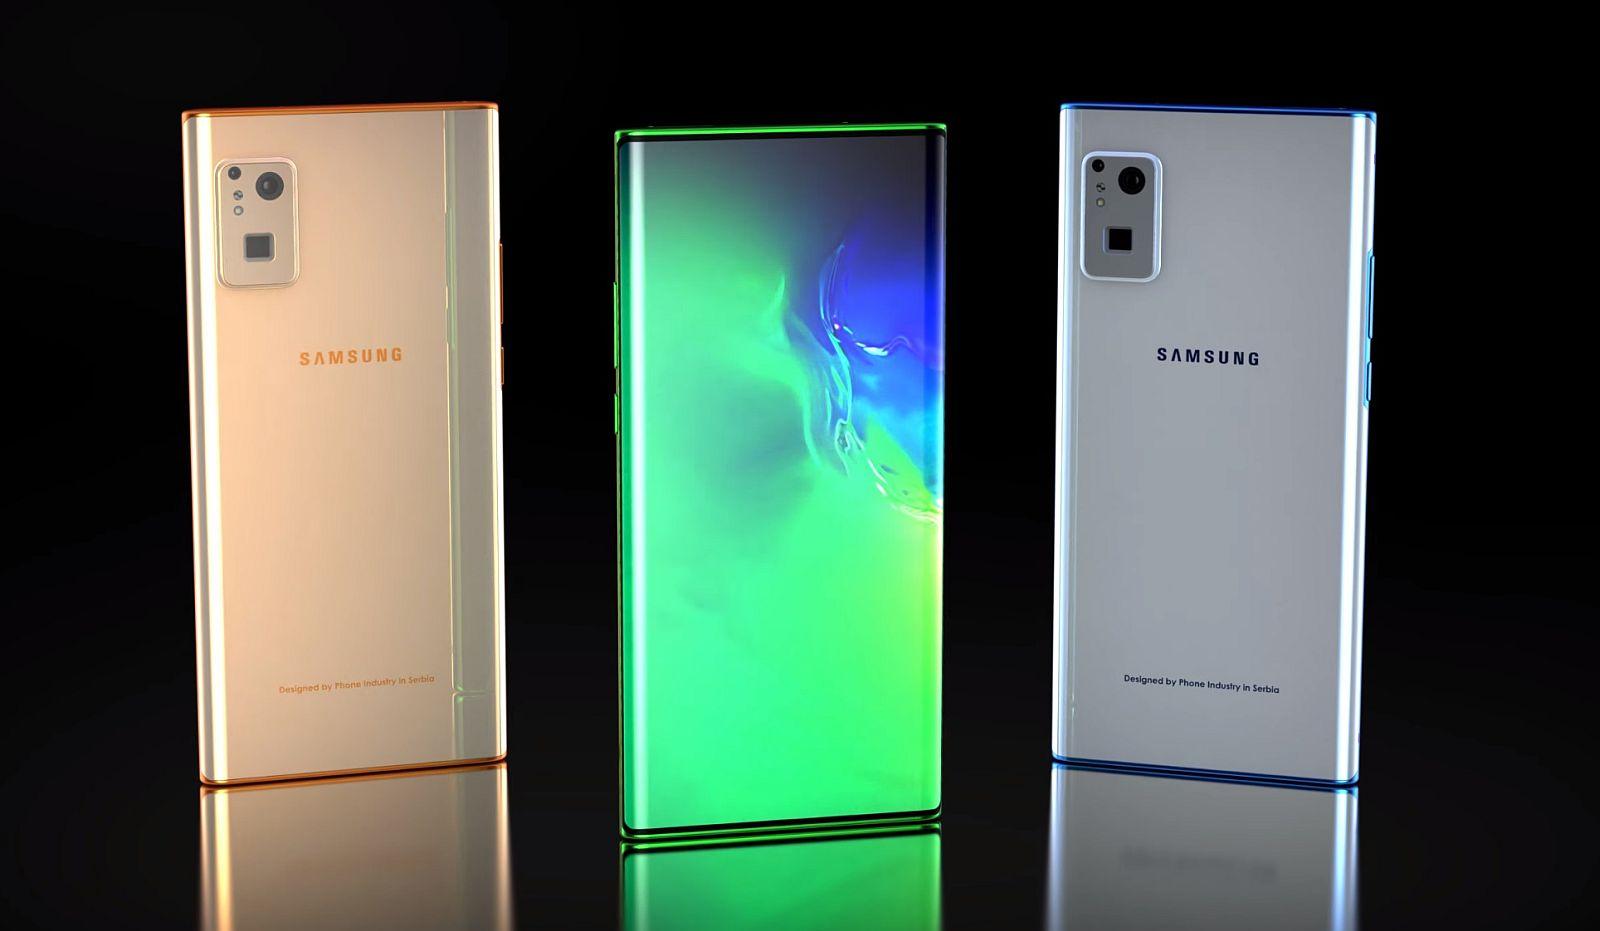 سامسونگ گلکسی اس ۲۰ (Galaxy S20) برای سال ۲۰۲۰ ارایه خواهد شد